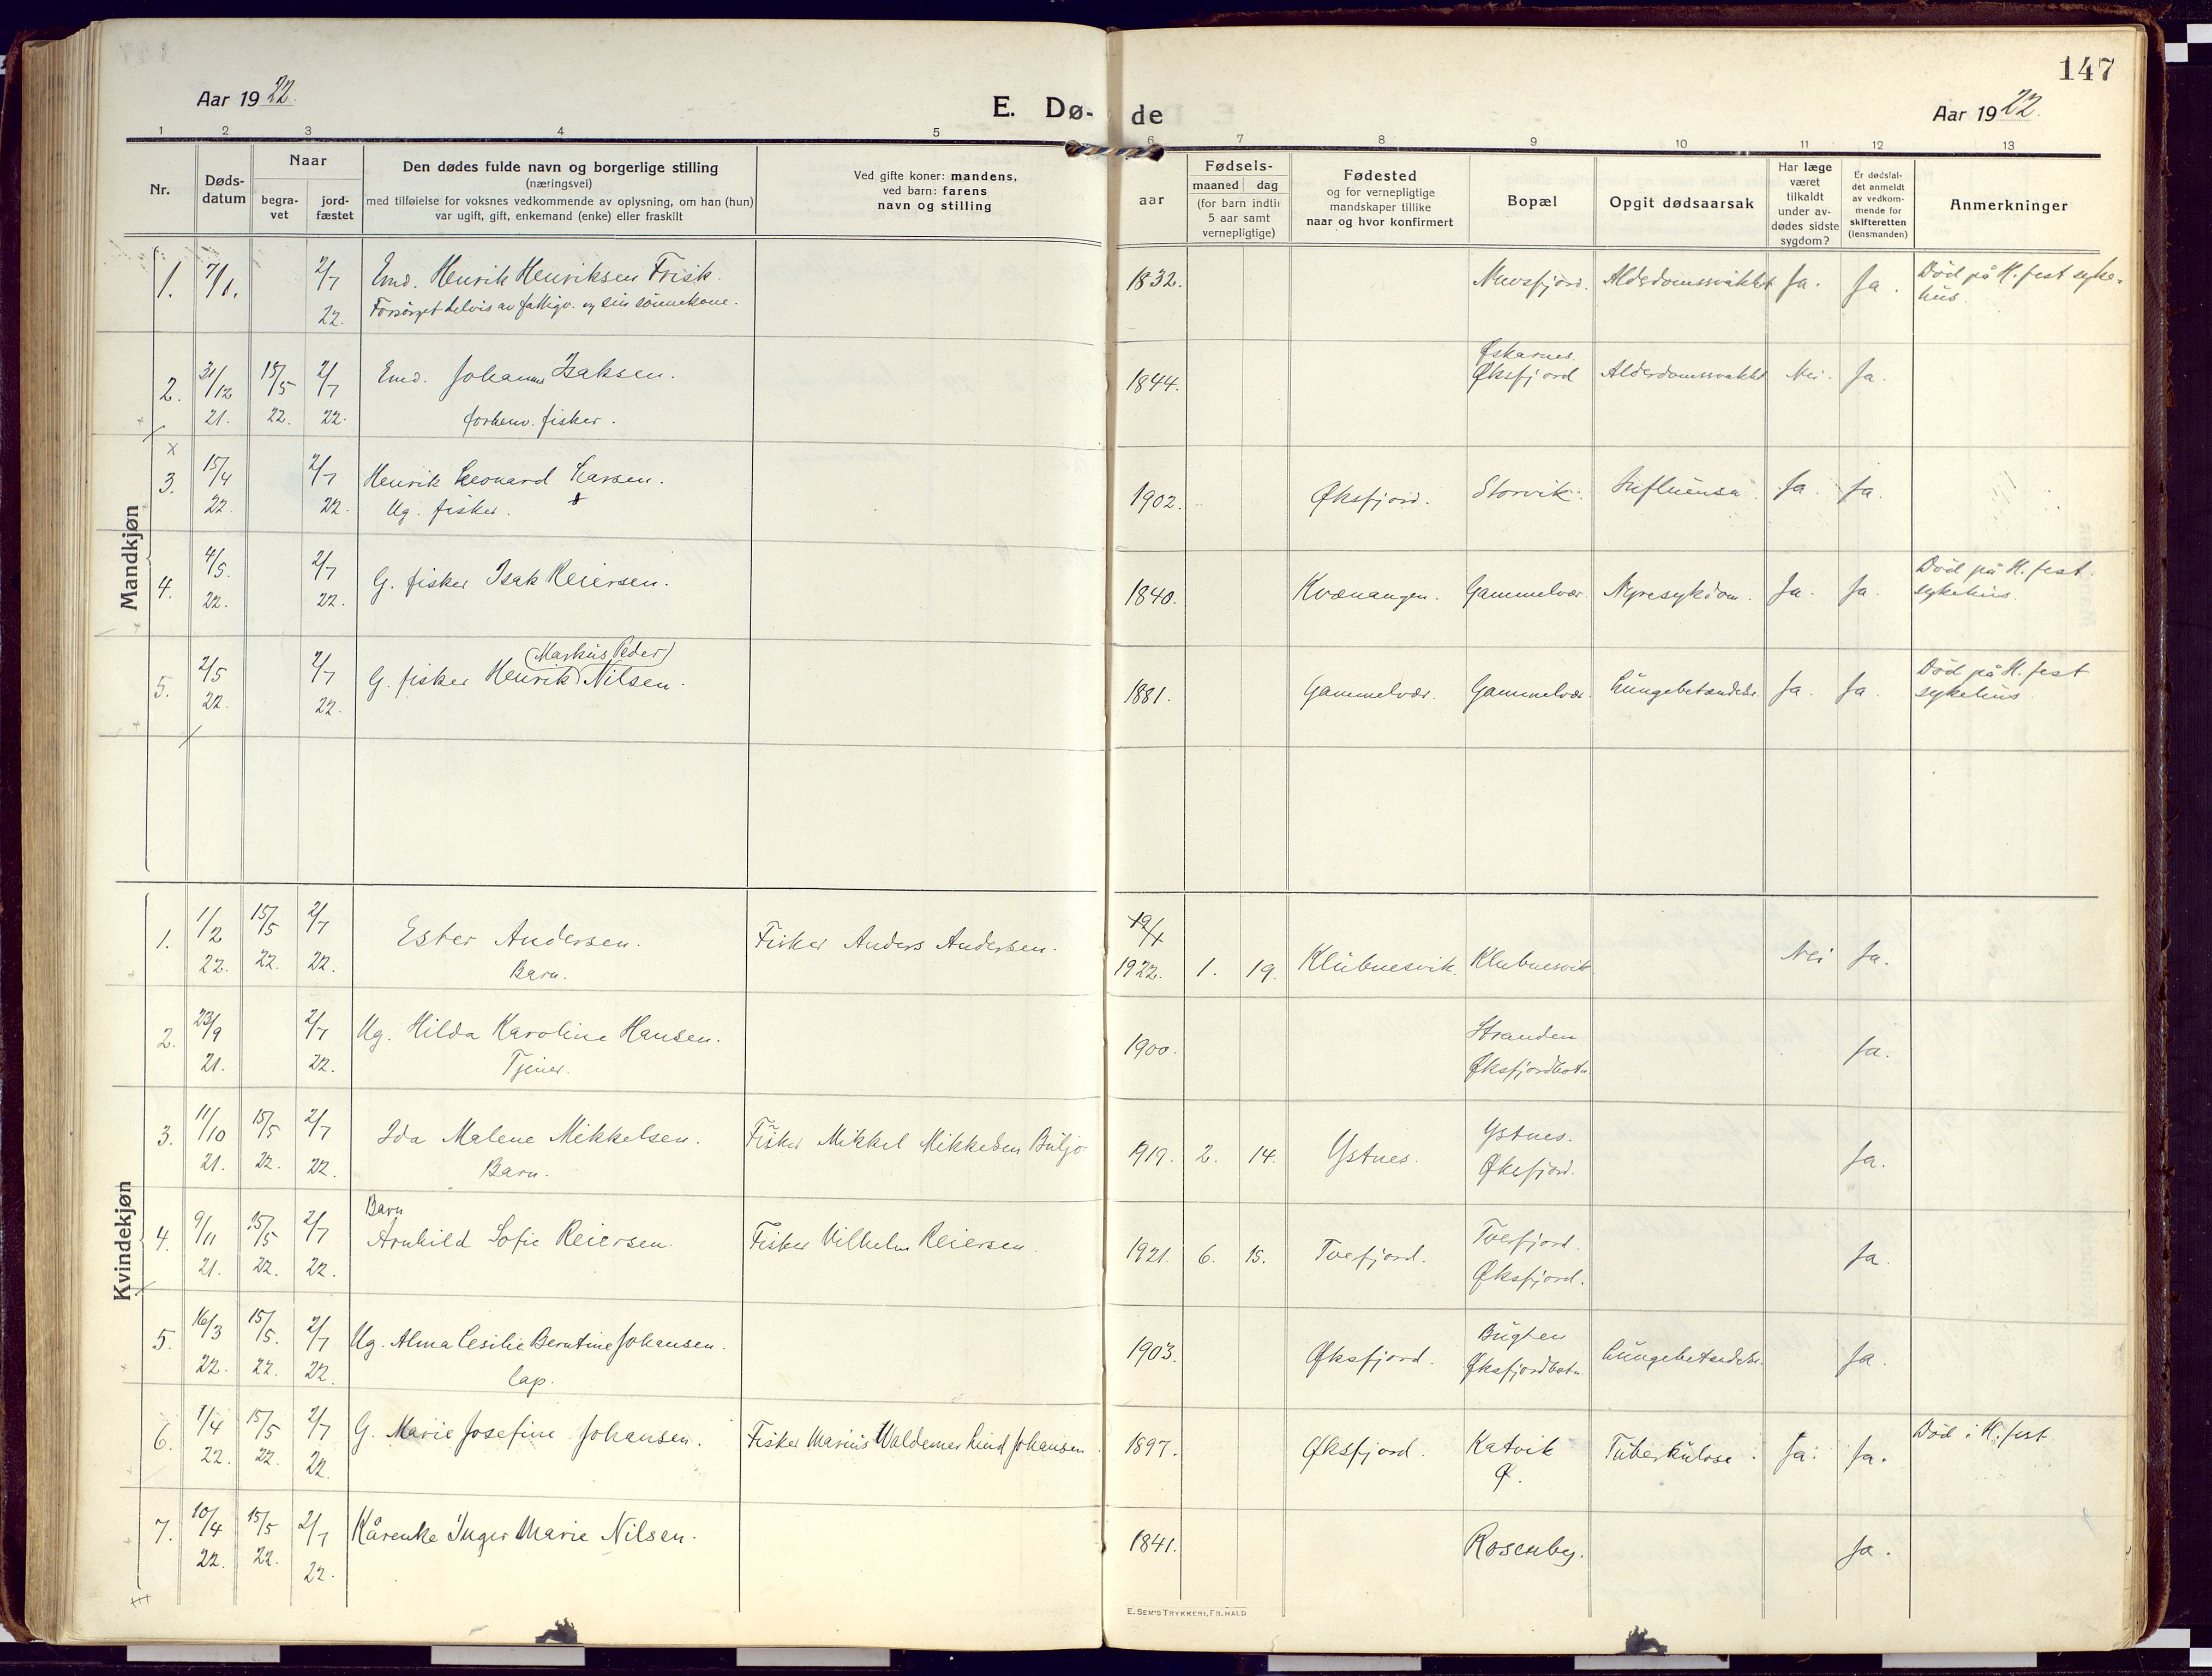 SATØ, Loppa sokneprestkontor, H/Ha/L0012kirke: Ministerialbok nr. 12, 1917-1932, s. 147